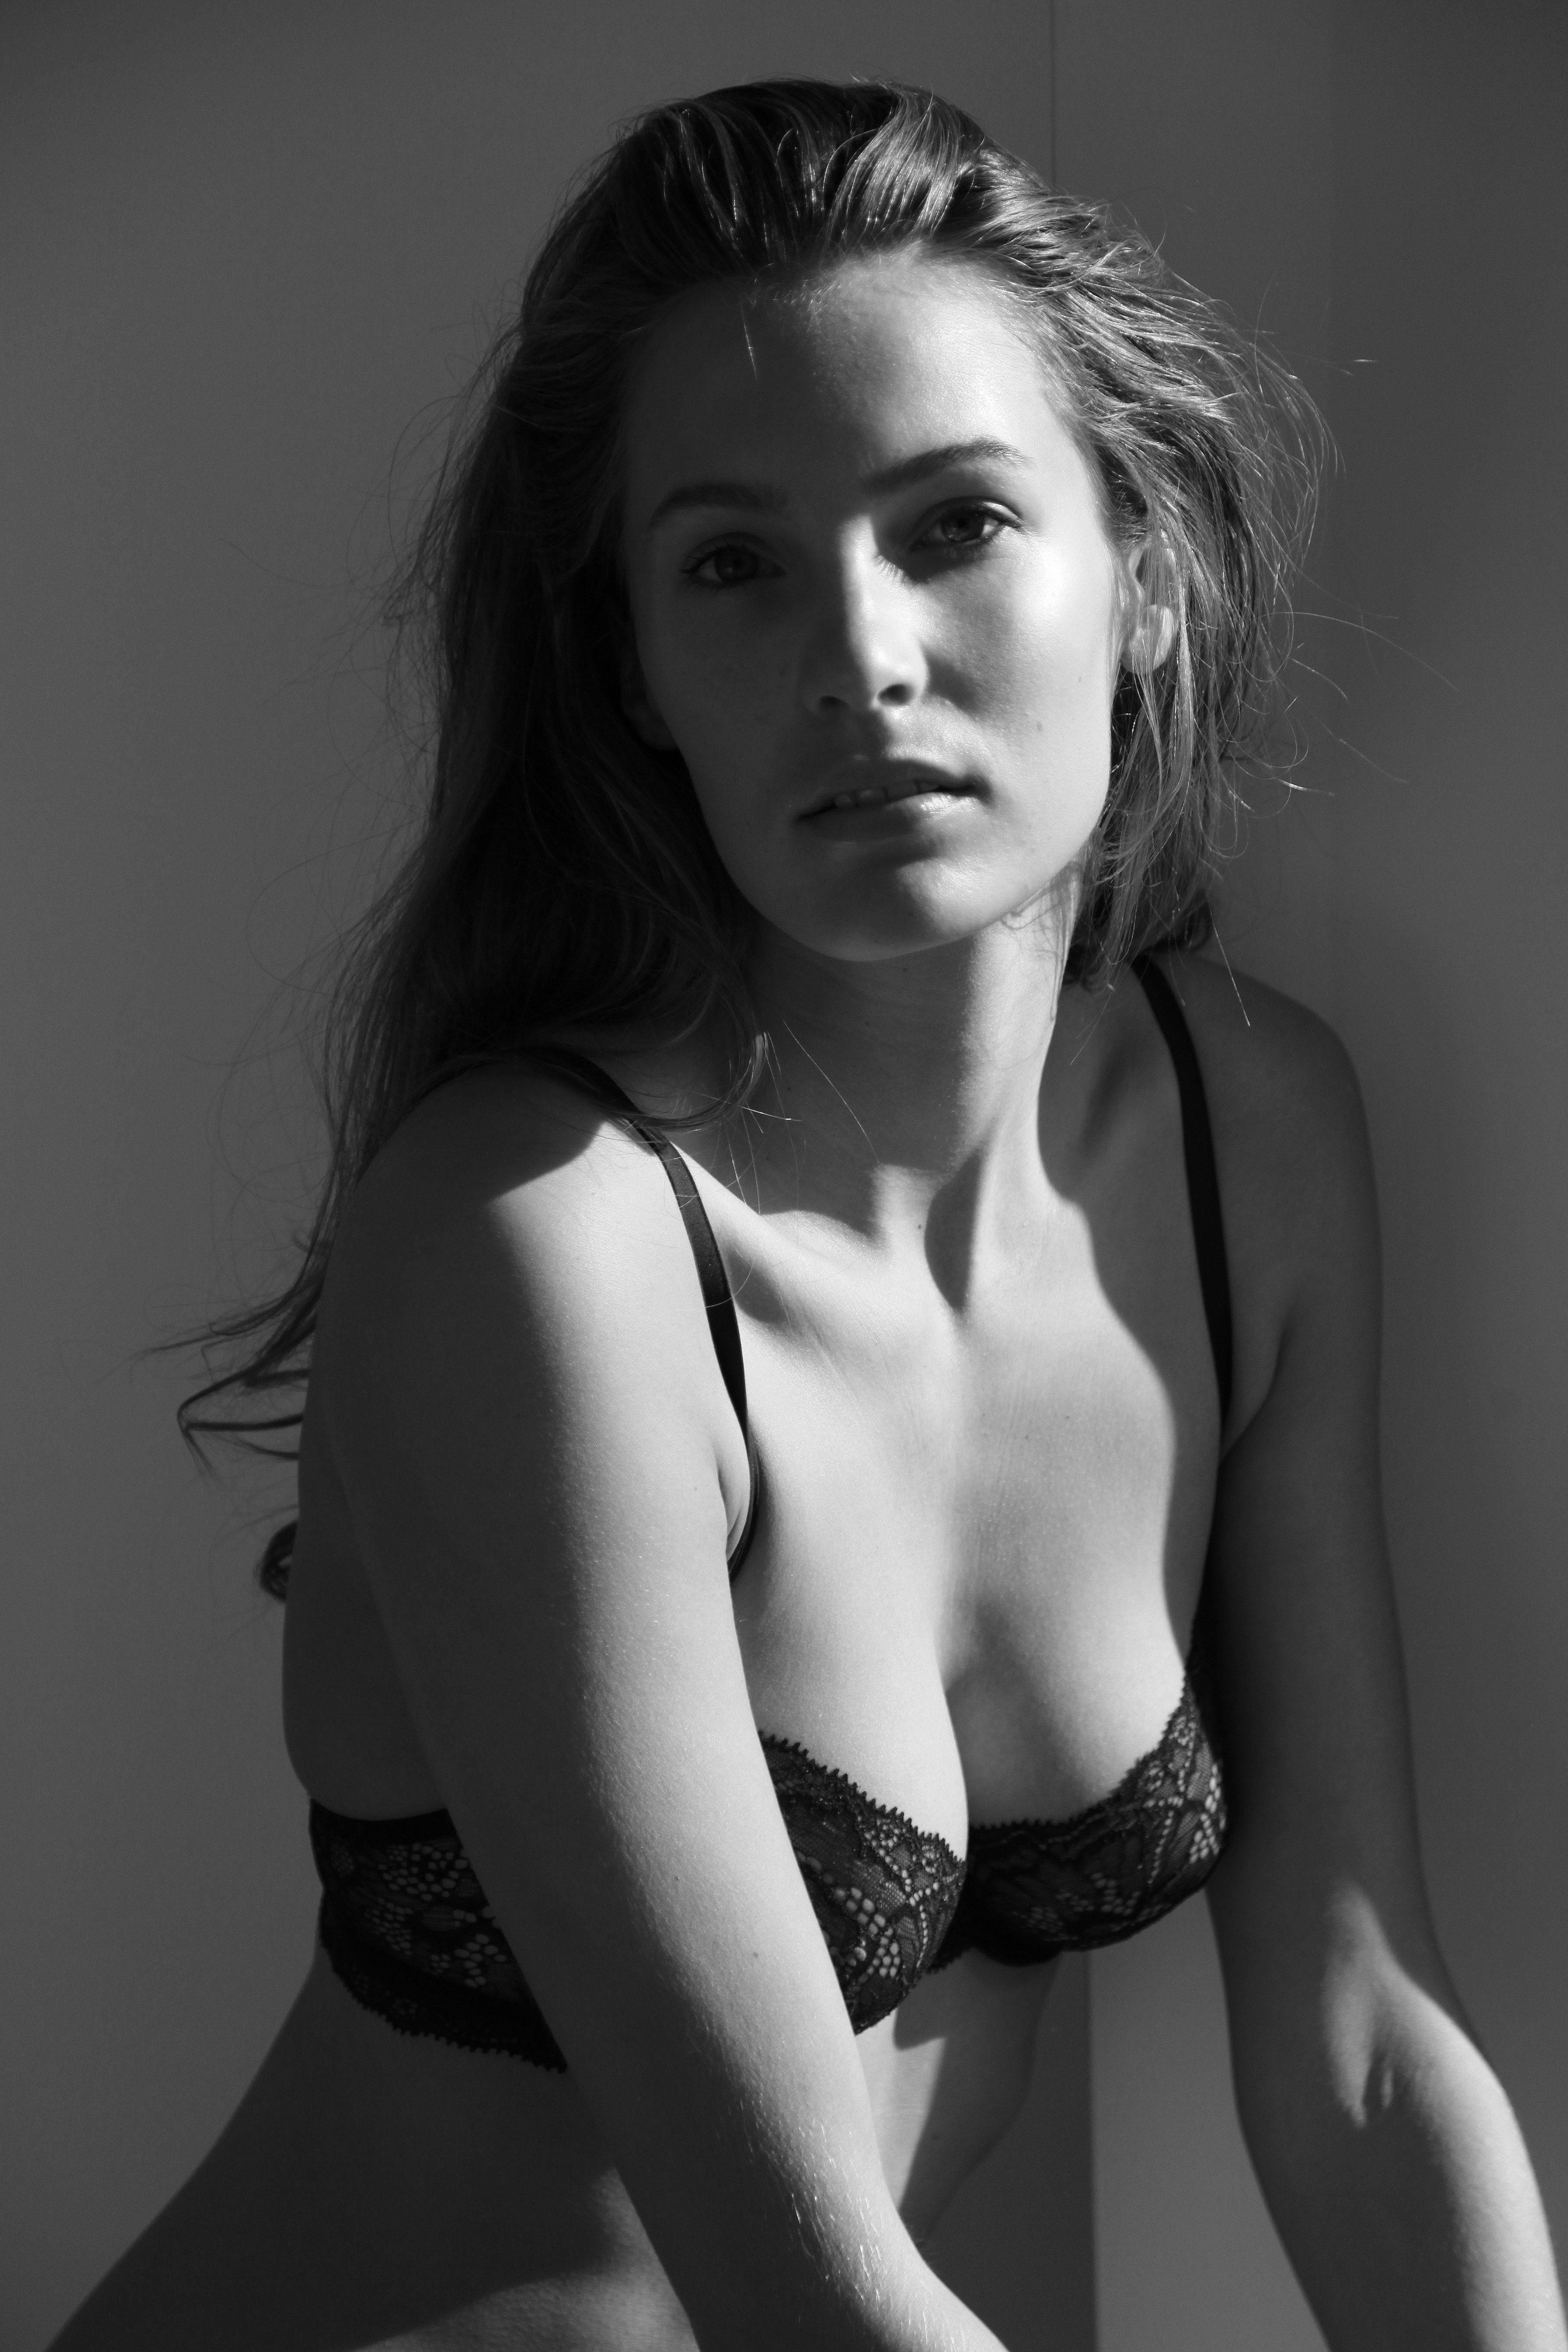 Hot Mellanie Kristensen nudes (83 photo), Pussy, Leaked, Boobs, underwear 2020